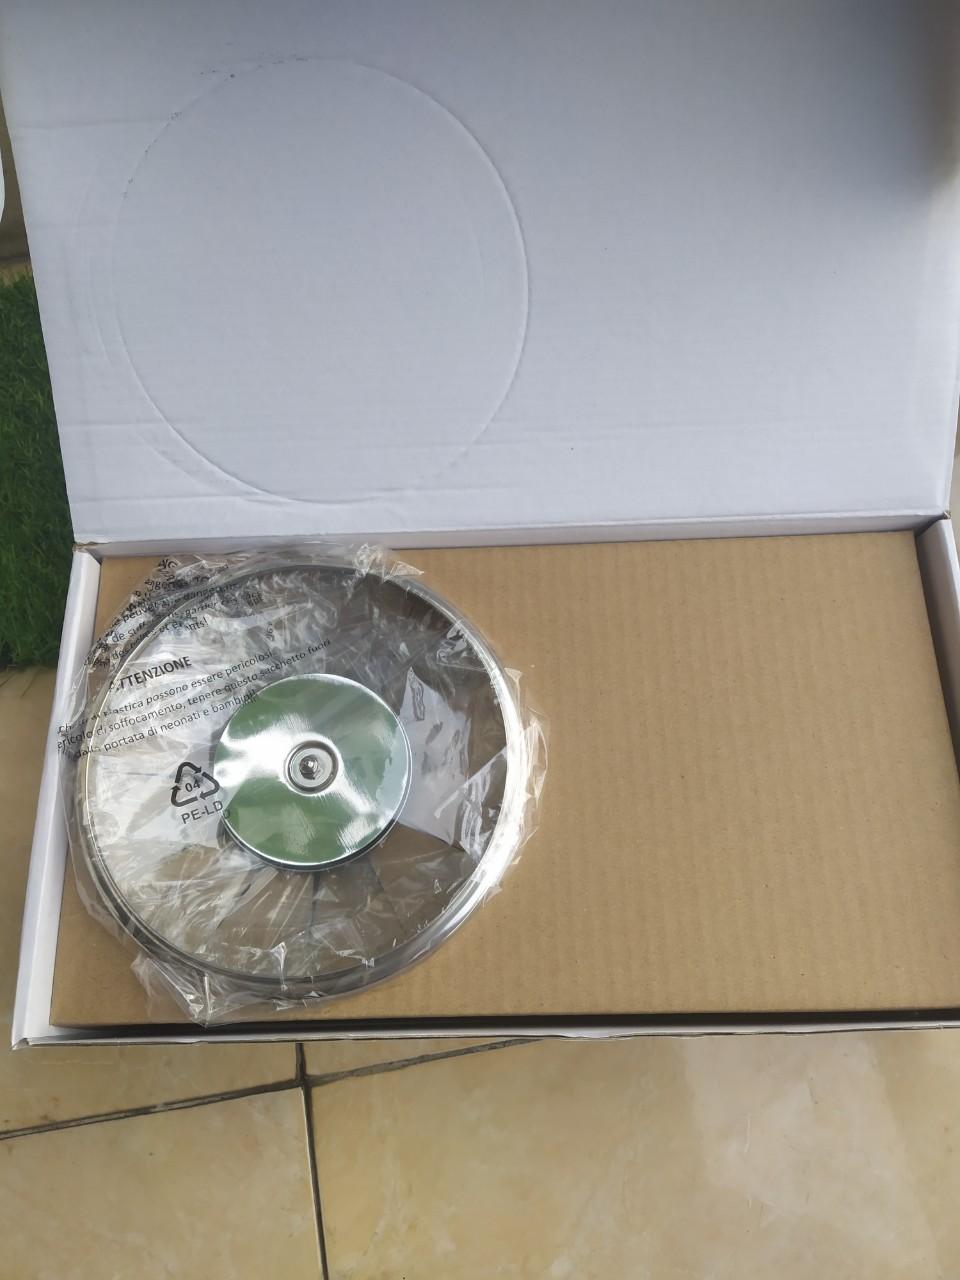 Nồi Quanh Nấu Bột Elo Premium New Solution Đáy Liền Cao Cấp Chống Dính  Size 16Cm - 1,2l Hàng Chính Hãng -  Made in Germany